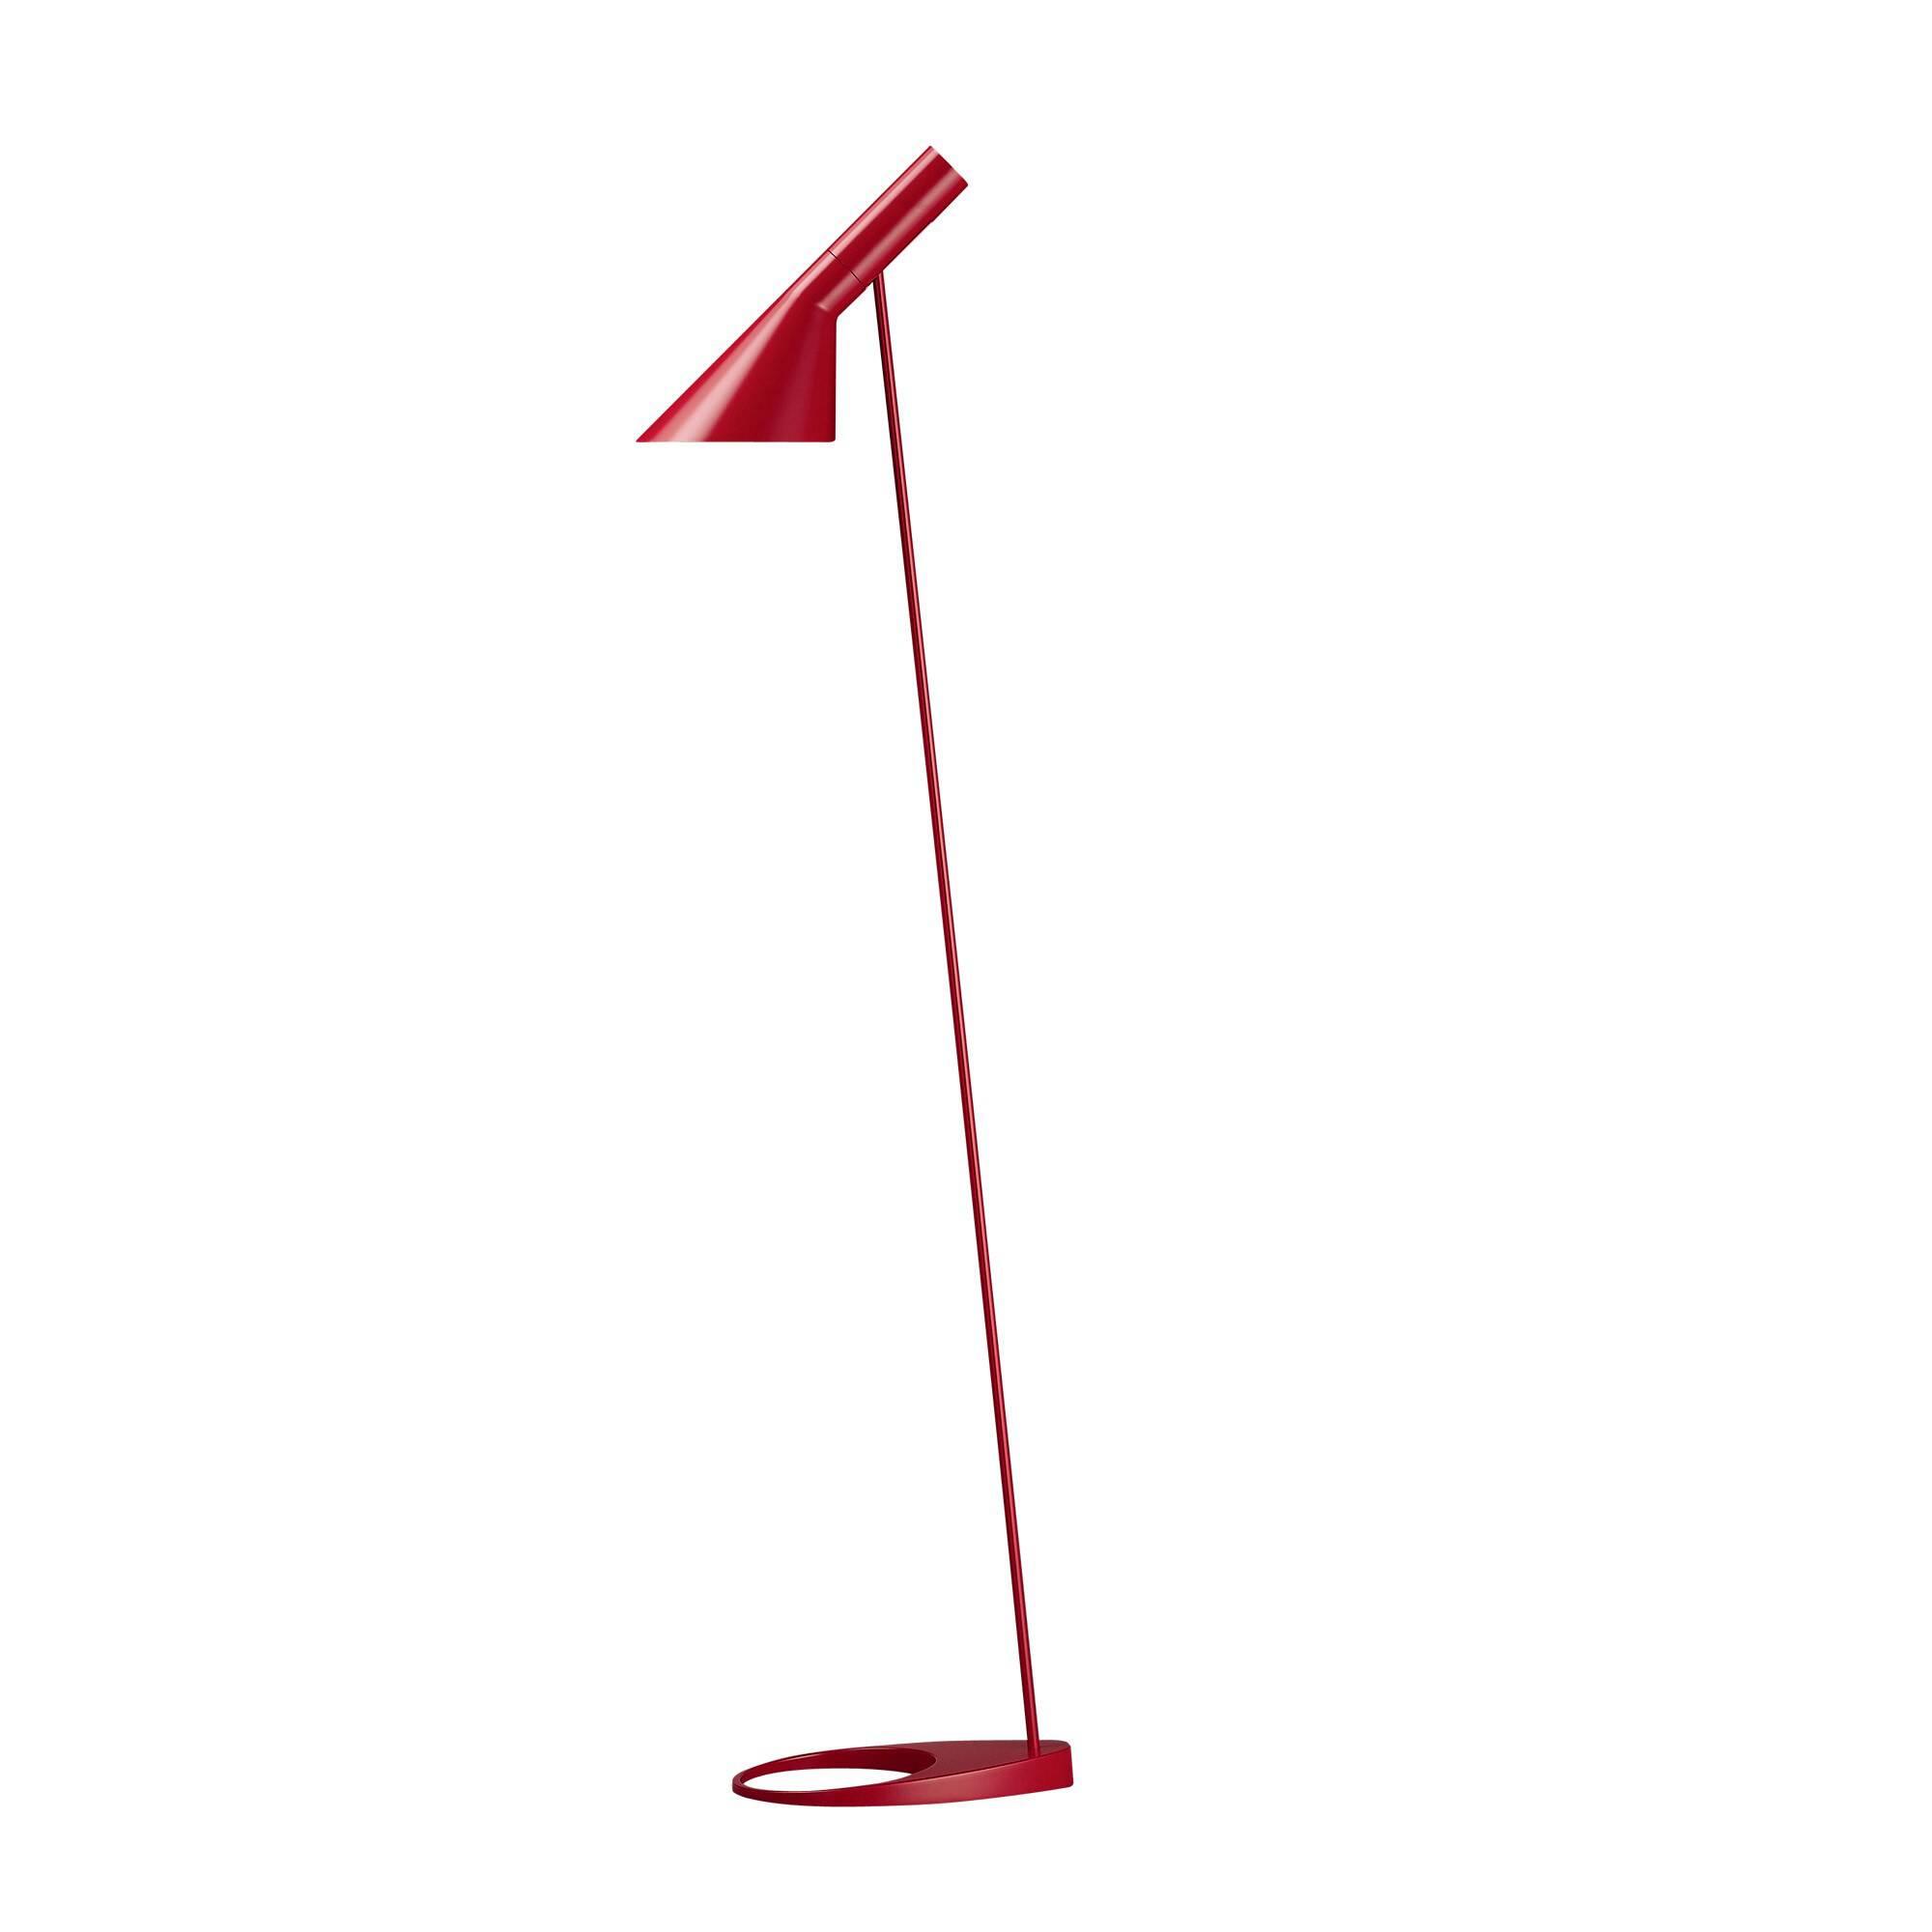 Напольный светильник AJ 2Напольные<br>Датский архитектор Арне Якобсен, чьи проекты получили мировое признание, в середине прошлого века стал разрабатывать предметы интерьера. Основное направление его деятельности — стиль хай-тек.<br><br><br> Замечательное творение автора — это напольный светильник AJ 2. Тонкая длинная ножка позволяет устанавливать его в гостиных и столовых, в спальнях и детских комнатах. Небольшая плоская основа надежно удерживает общую конструкцию и не позволяет светильнику опрокинуться. Светильник может занять с...<br><br>stock: 0<br>Высота: 130<br>Ширина: 27.5<br>Количество ламп: 1<br>Материал абажура: Металл<br>Мощность лампы: 60<br>Ламп в комплекте: Нет<br>Напряжение: 220-240<br>Тип лампы/цоколь: E27<br>Цвет абажура: Красный<br>Цвет провода: Черный